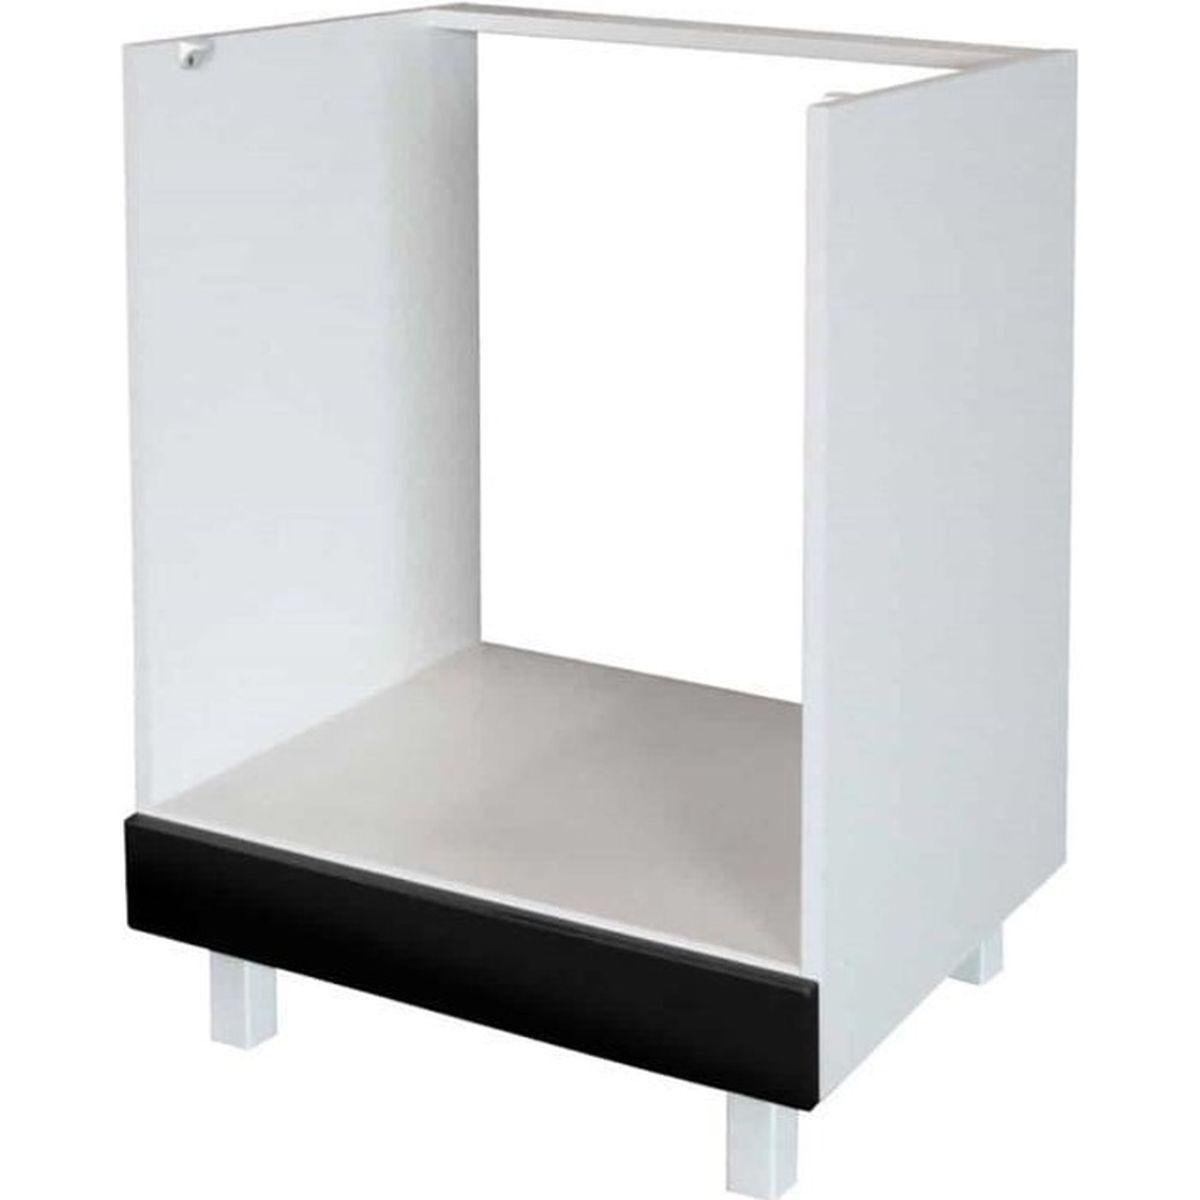 Meuble Four Plaque Induction meuble four encastrable - 60cm - noir - achat / vente